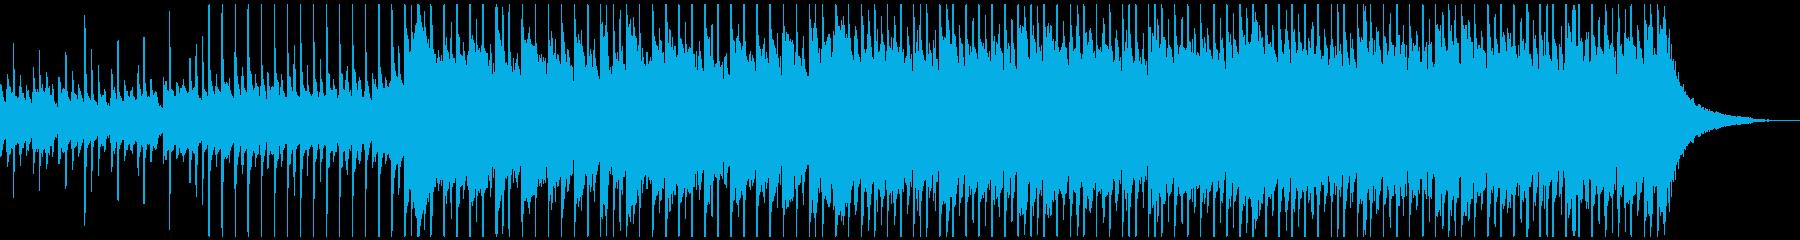 ハッピーアップビート(中)の再生済みの波形